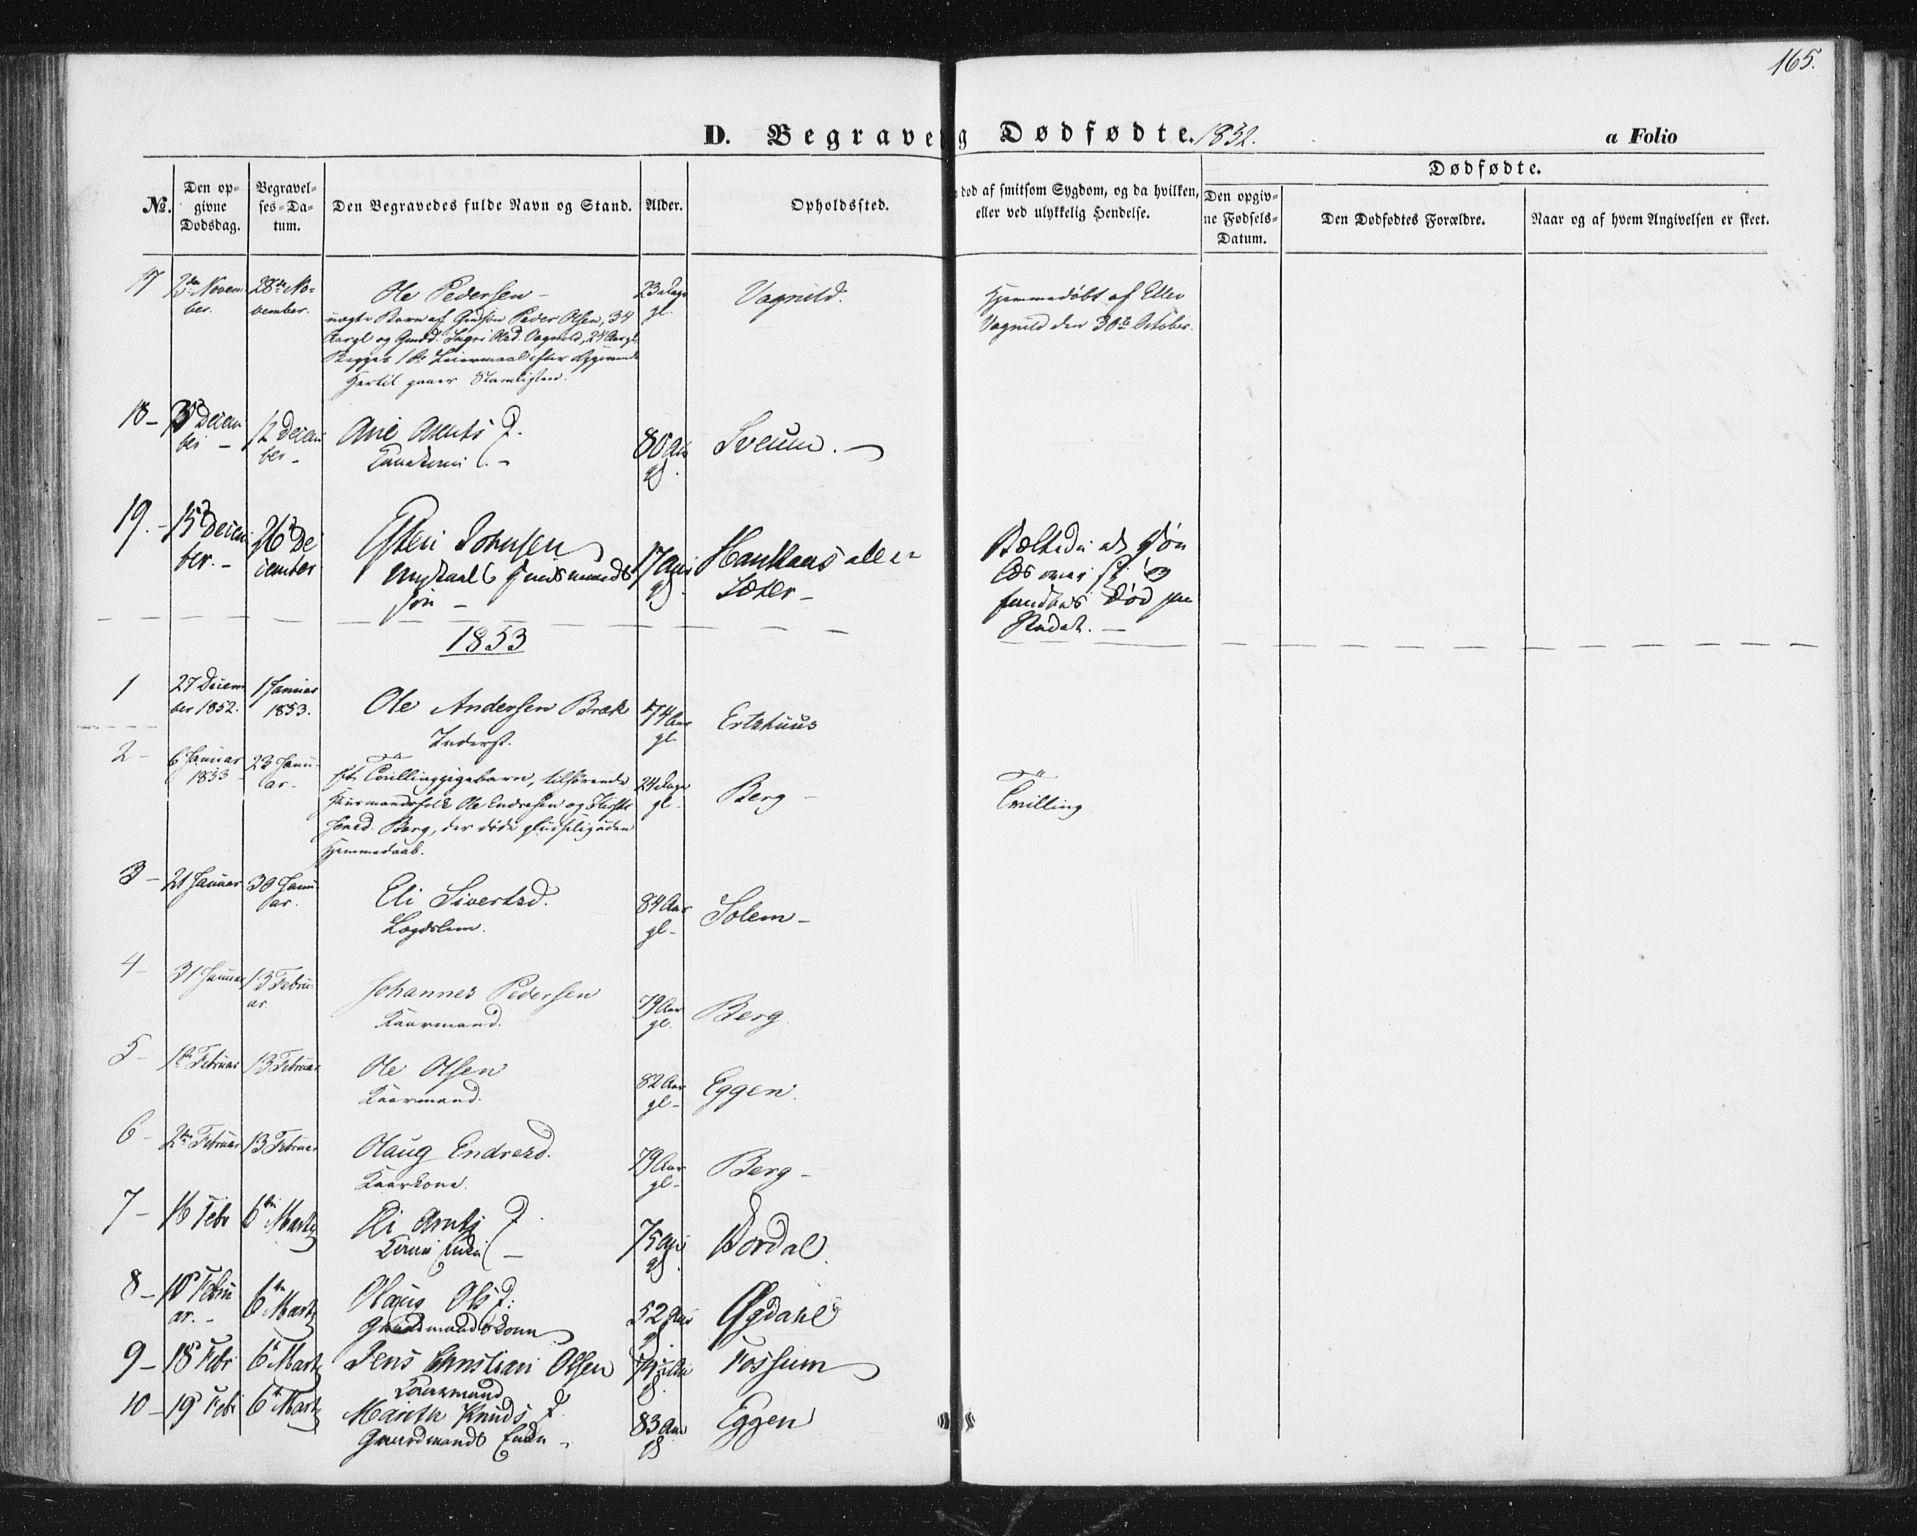 SAT, Ministerialprotokoller, klokkerbøker og fødselsregistre - Sør-Trøndelag, 689/L1038: Ministerialbok nr. 689A03, 1848-1872, s. 165